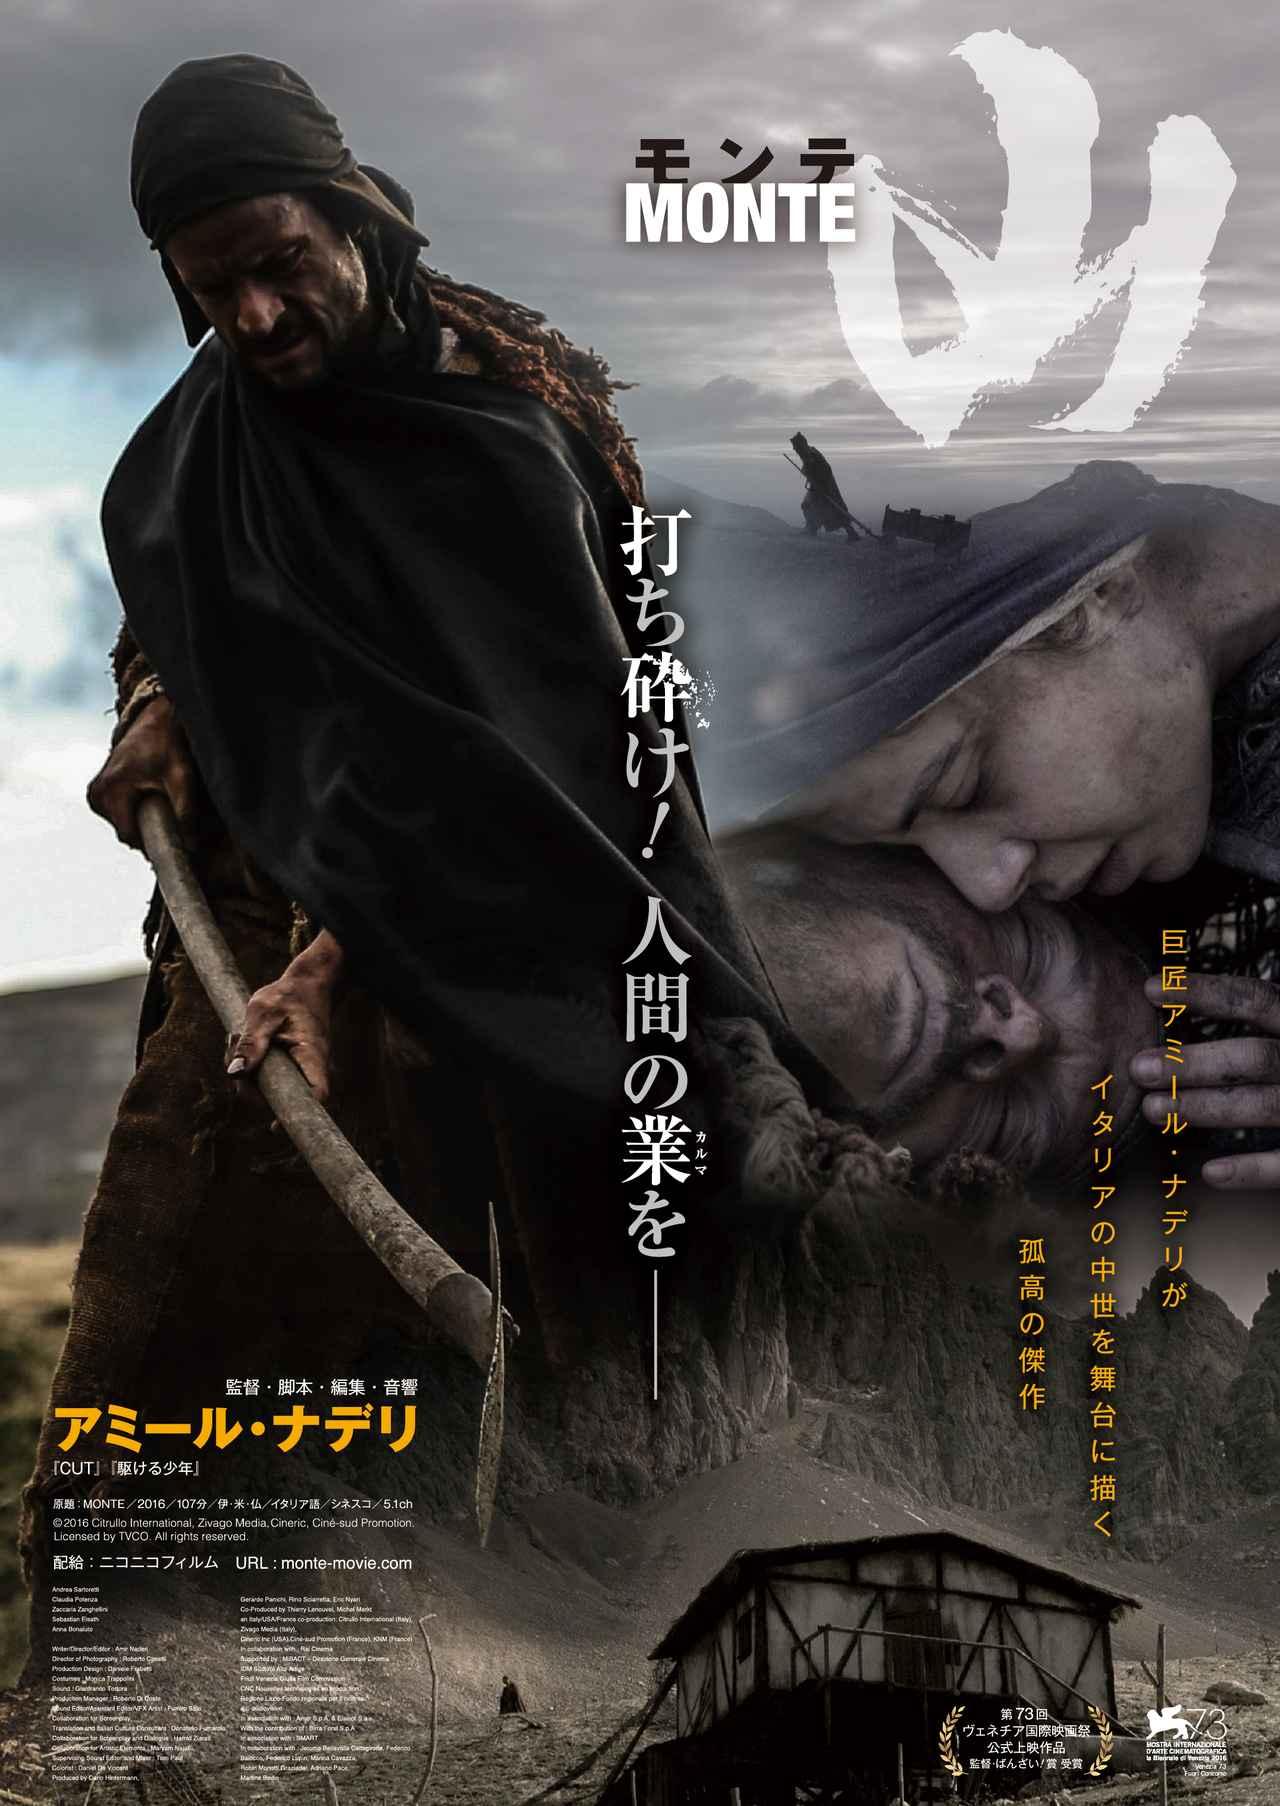 画像7: 京都で脚本を書いたこの映画には日本の魂が入っている